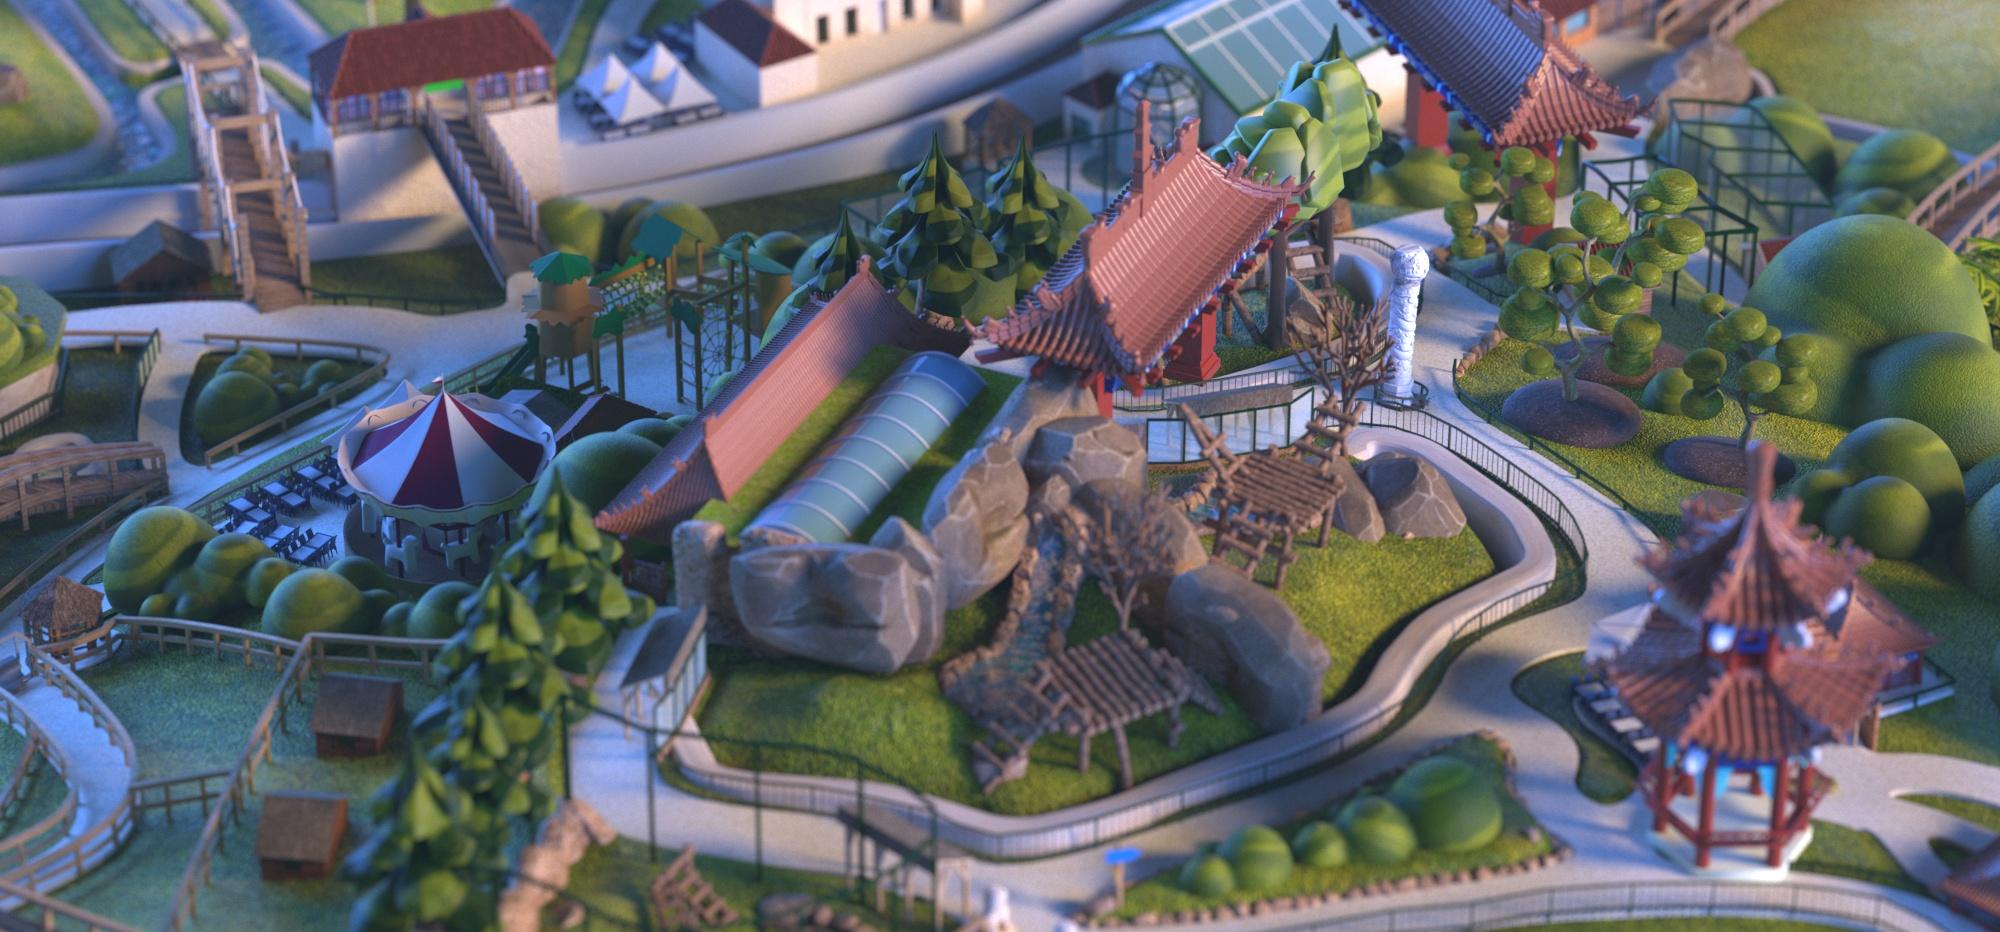 GALERIE-Dripmoon-Studio-3D-Tours-Motion-design-Zooparc-de-Beauval-Plan-du-parc 7